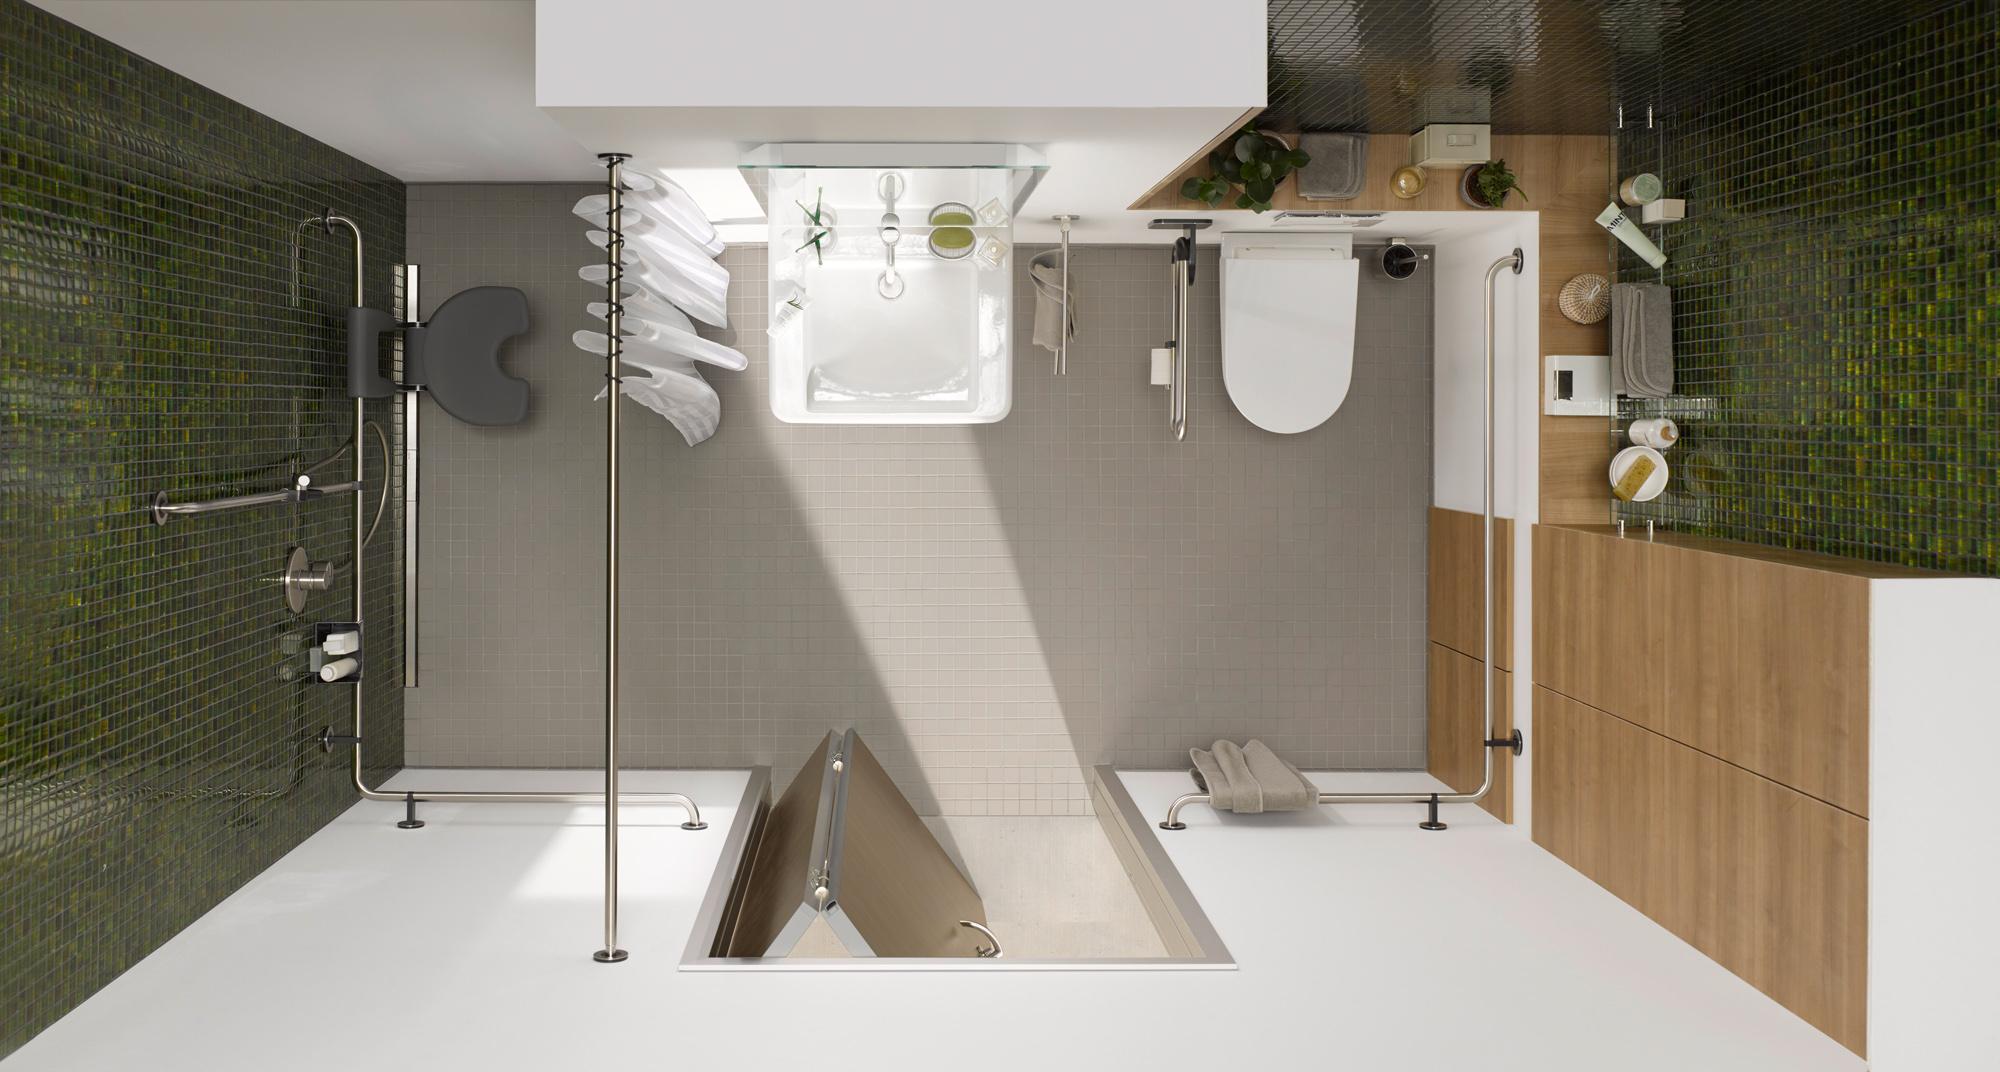 raumspartür im kleinen, barrierereduzierten bad - küffner aluzargen, Badezimmer ideen